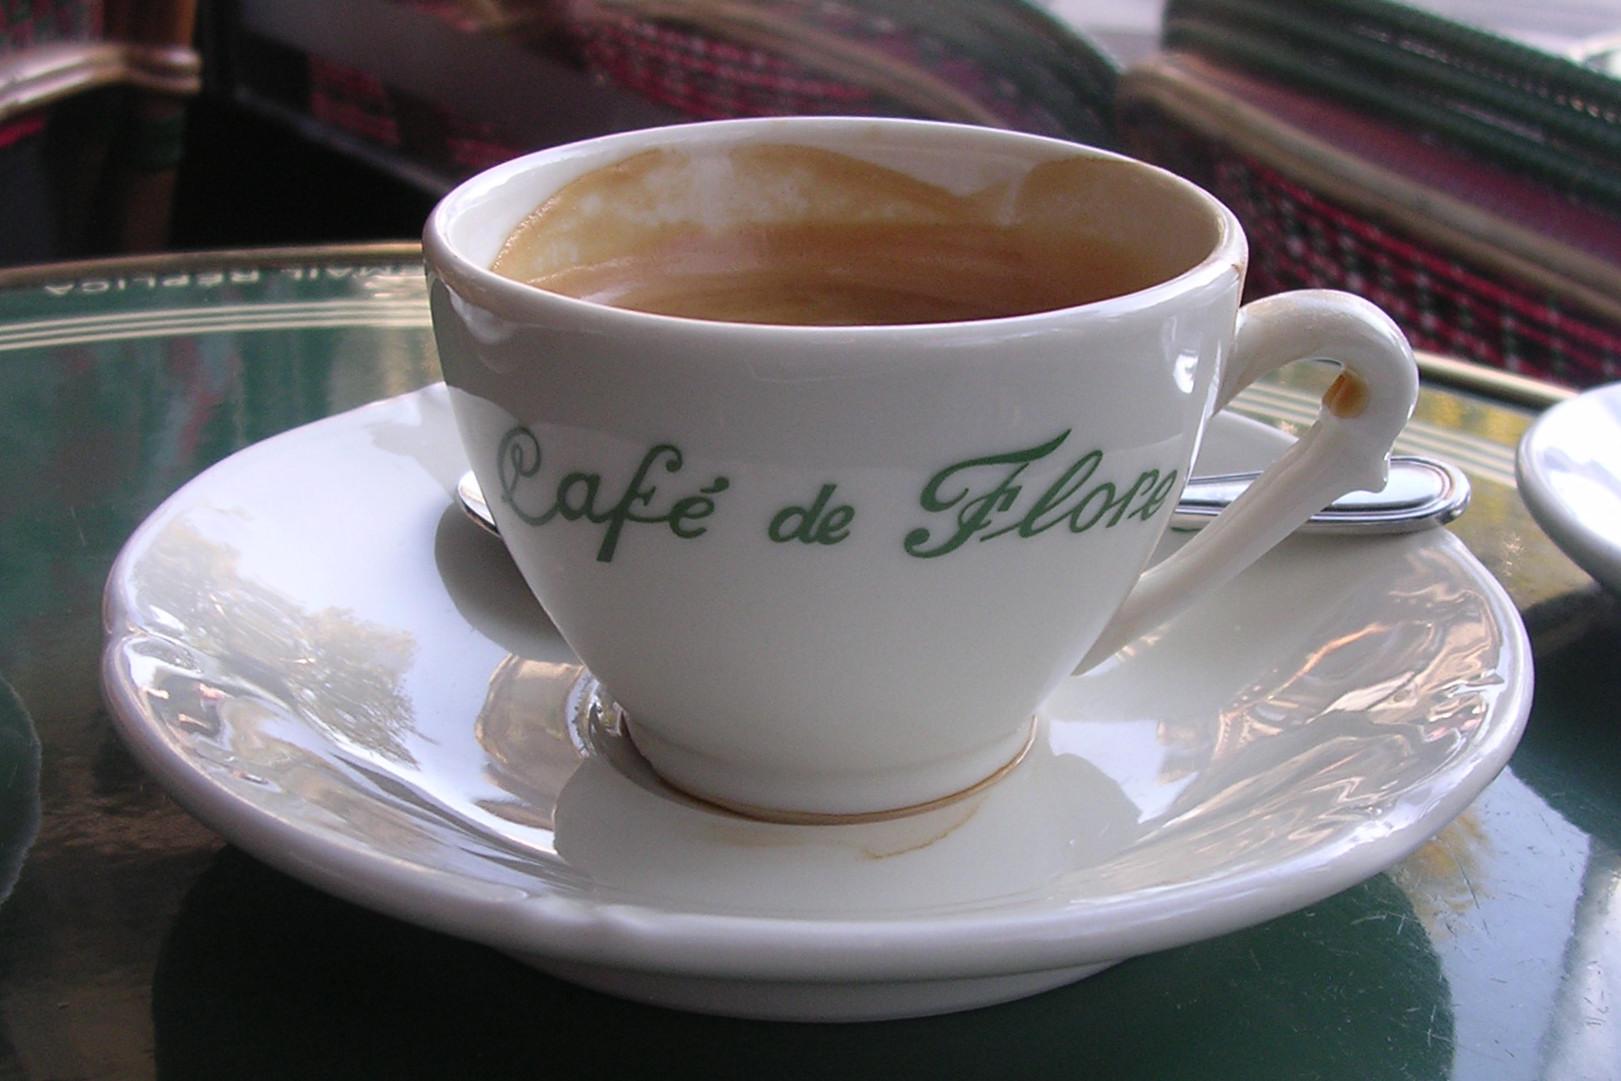 Thumbnail Cafe De Flore Dscn2774 Brians Coffee Spot - Fotos-de-flore